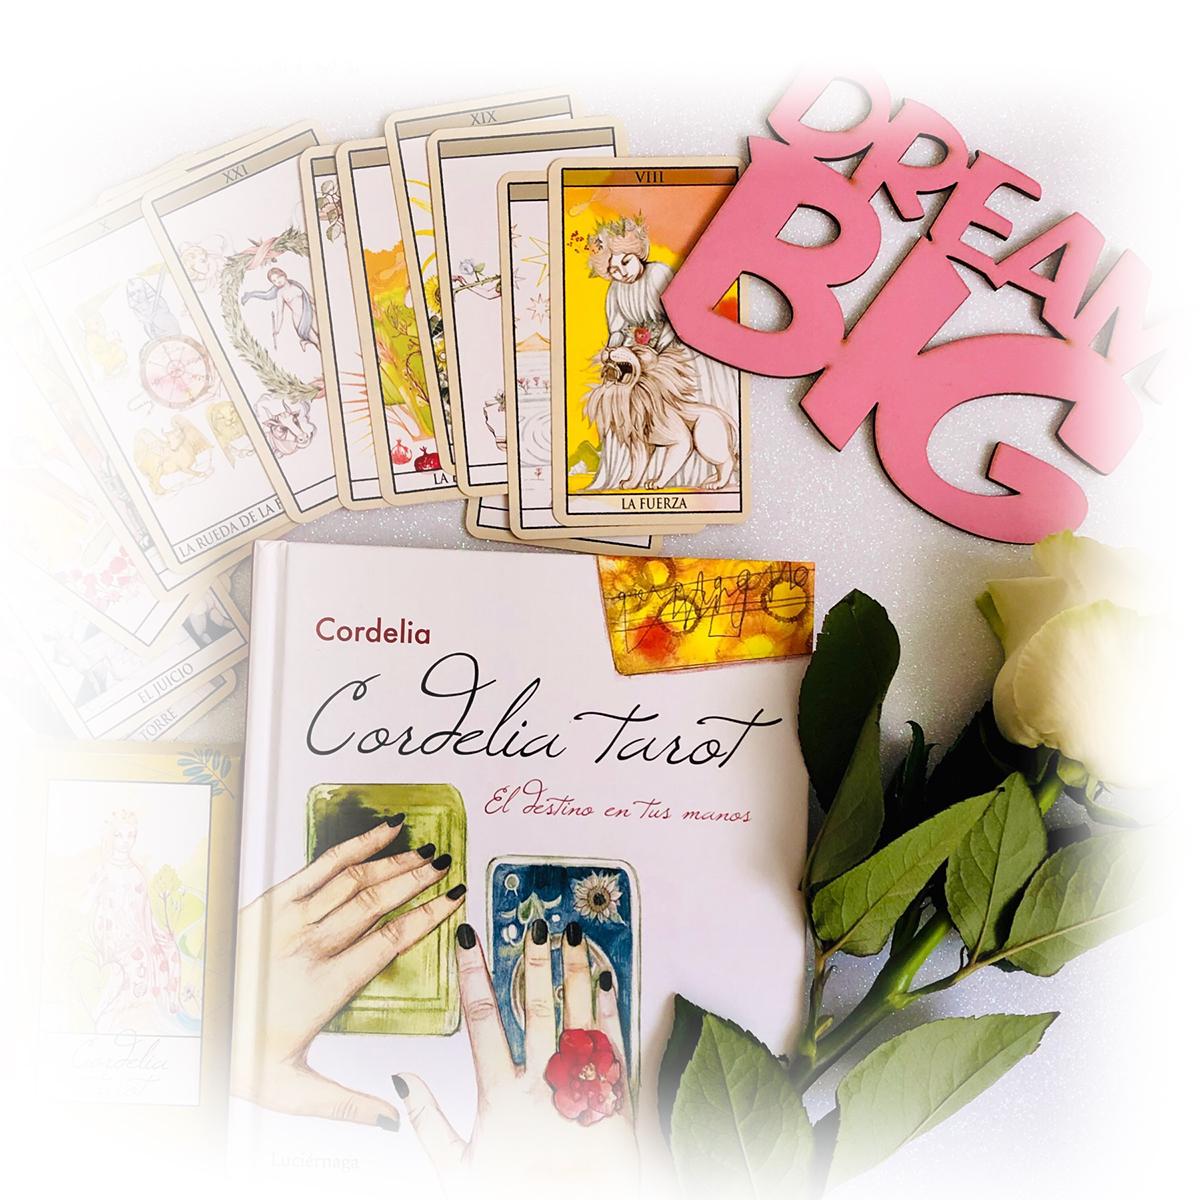 Mi Libro Cordelia Tarot - El Destino en tus manos